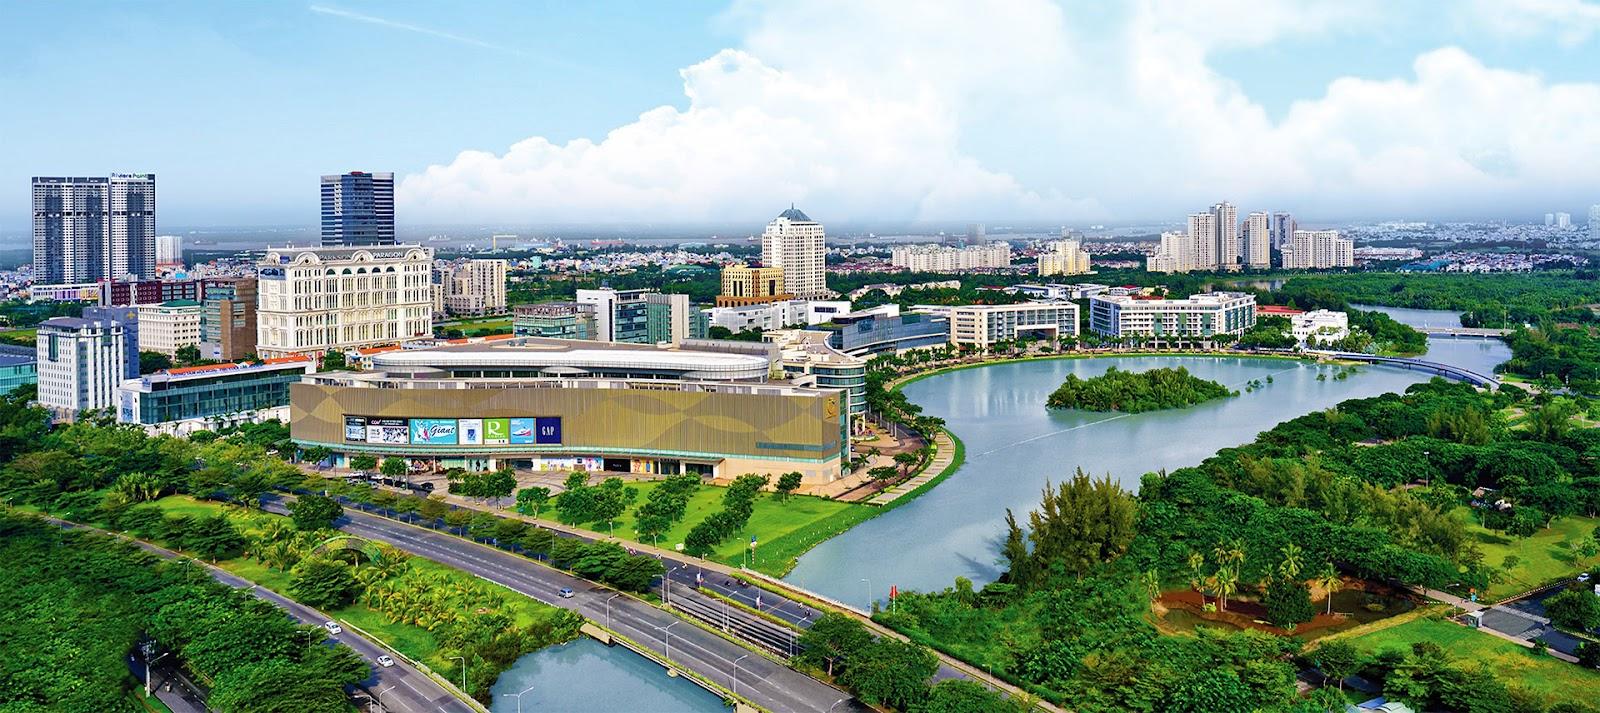 Tổng quan dự án bất động sản Phú Mỹ Hưng